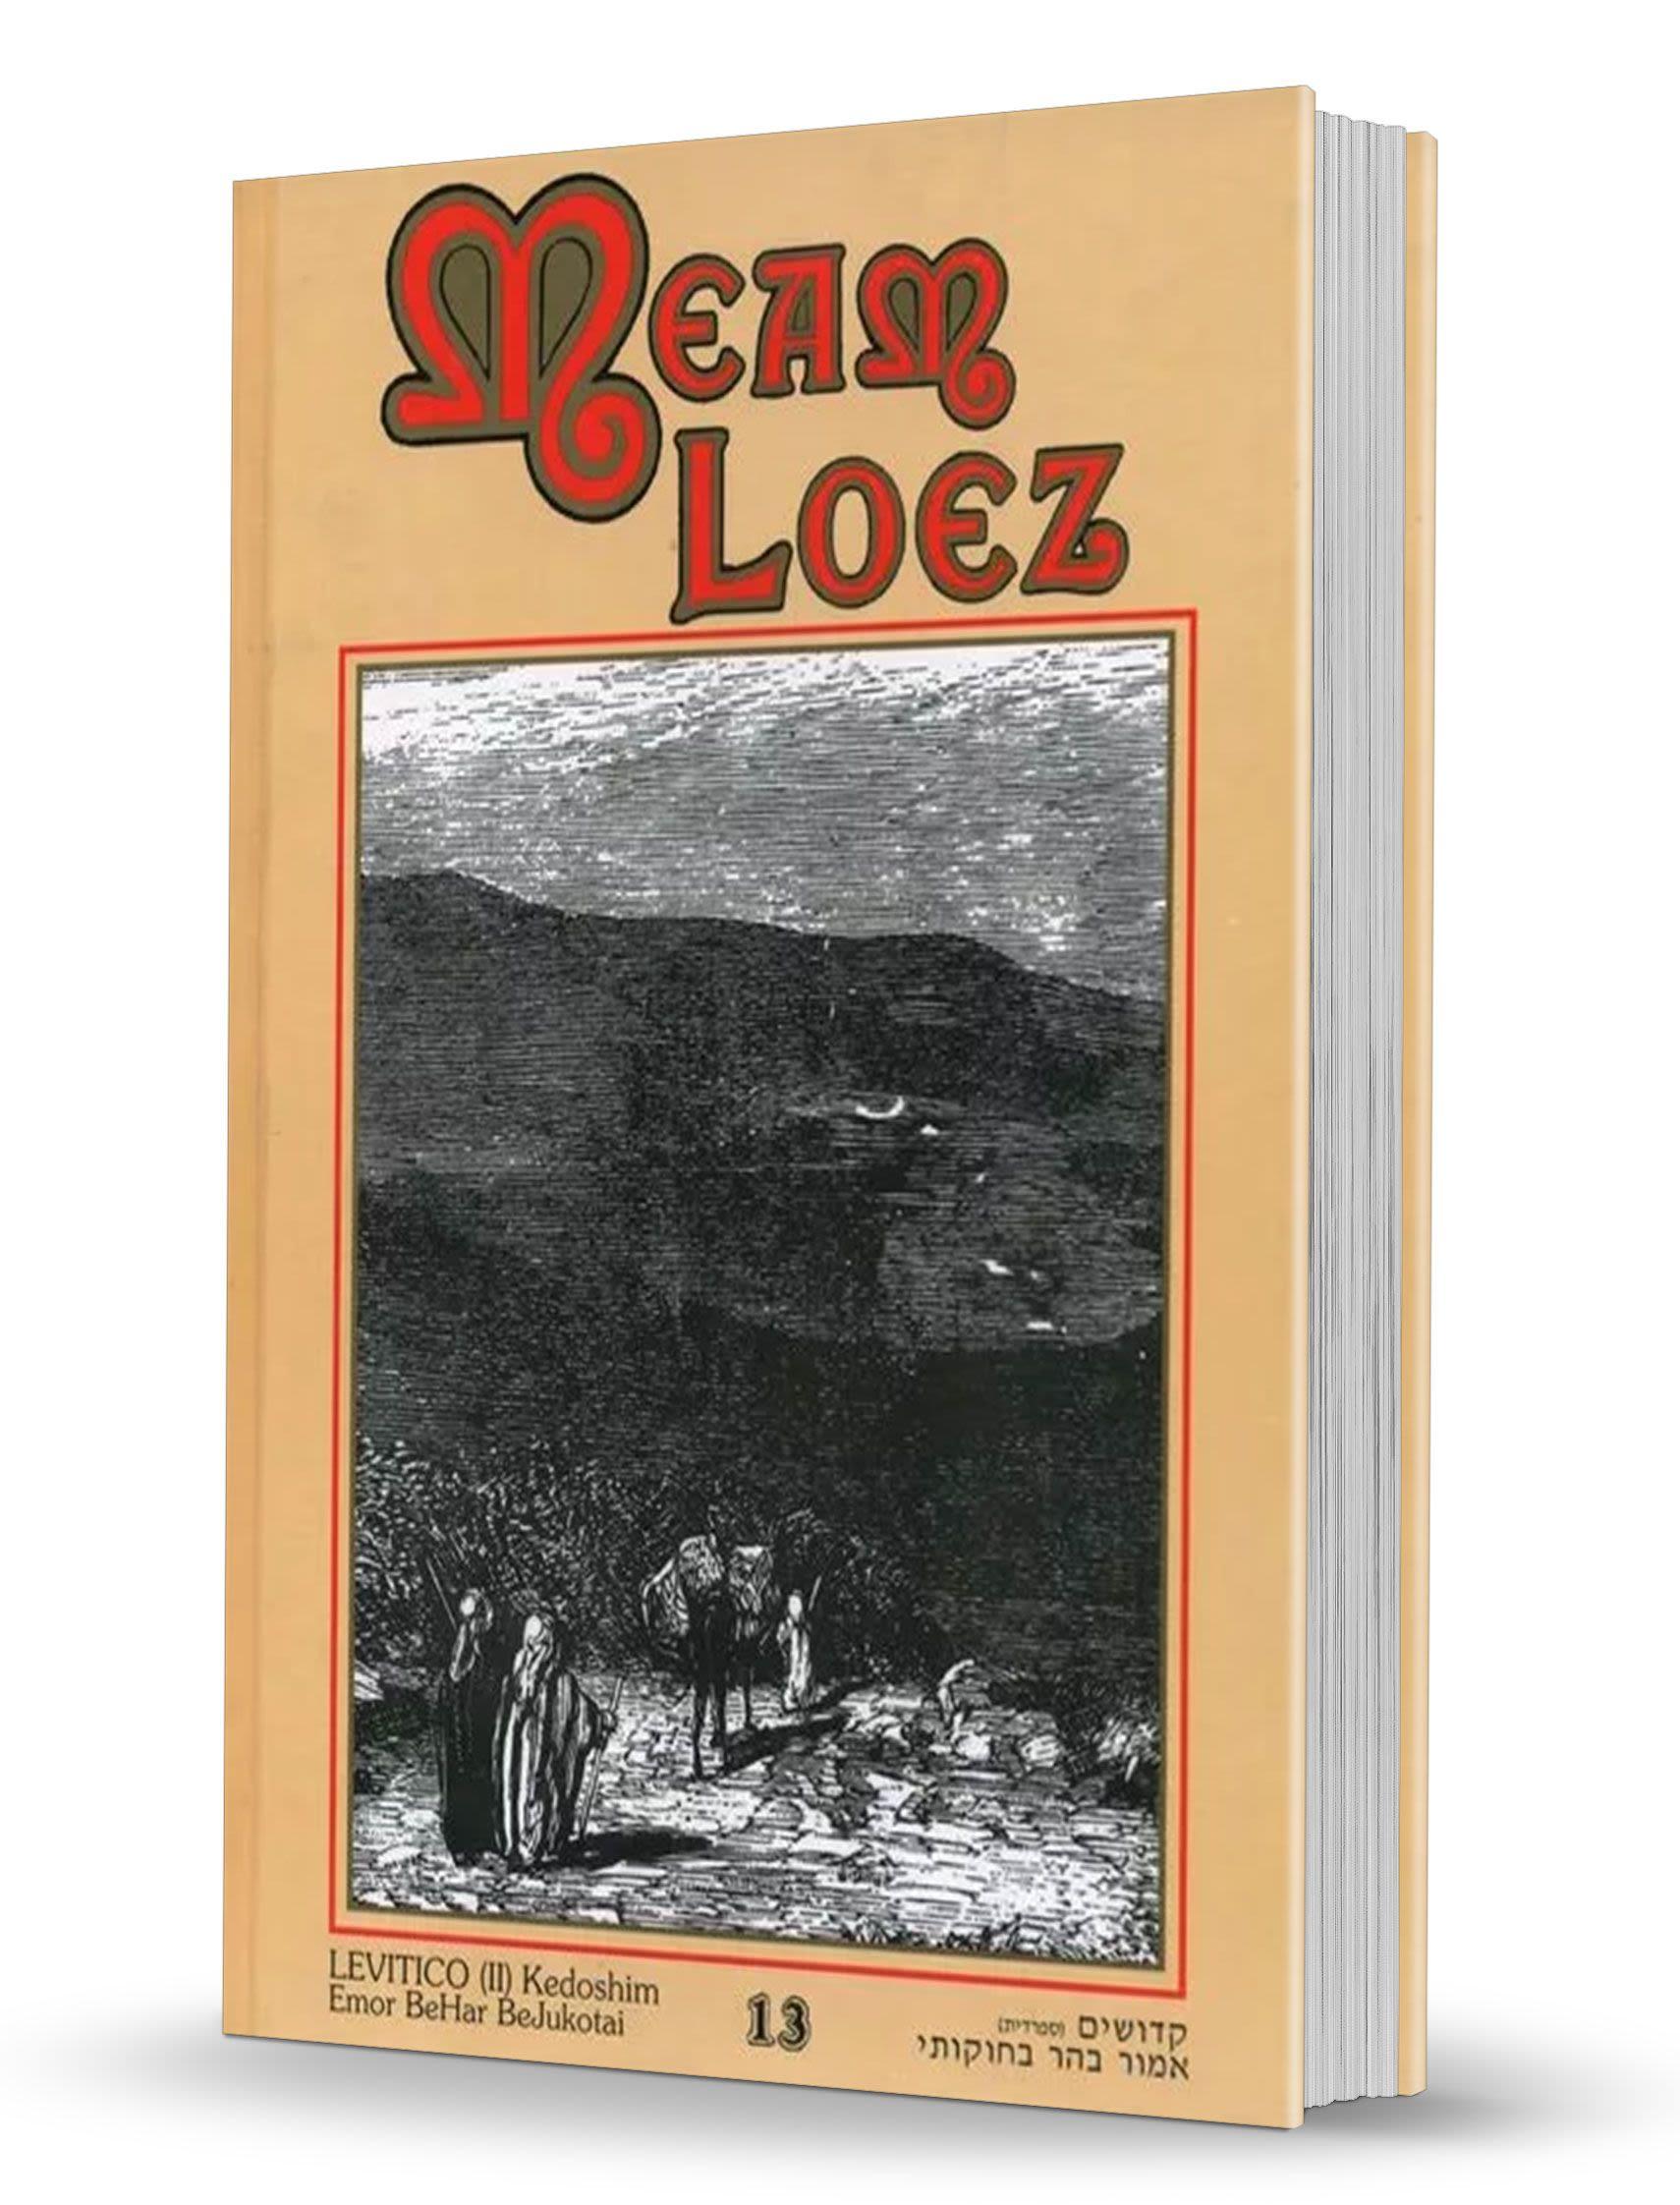 La Antología de la Torá - Meam Loez - tomo 13 - Kedoshim a Bejukotai (Levítico)